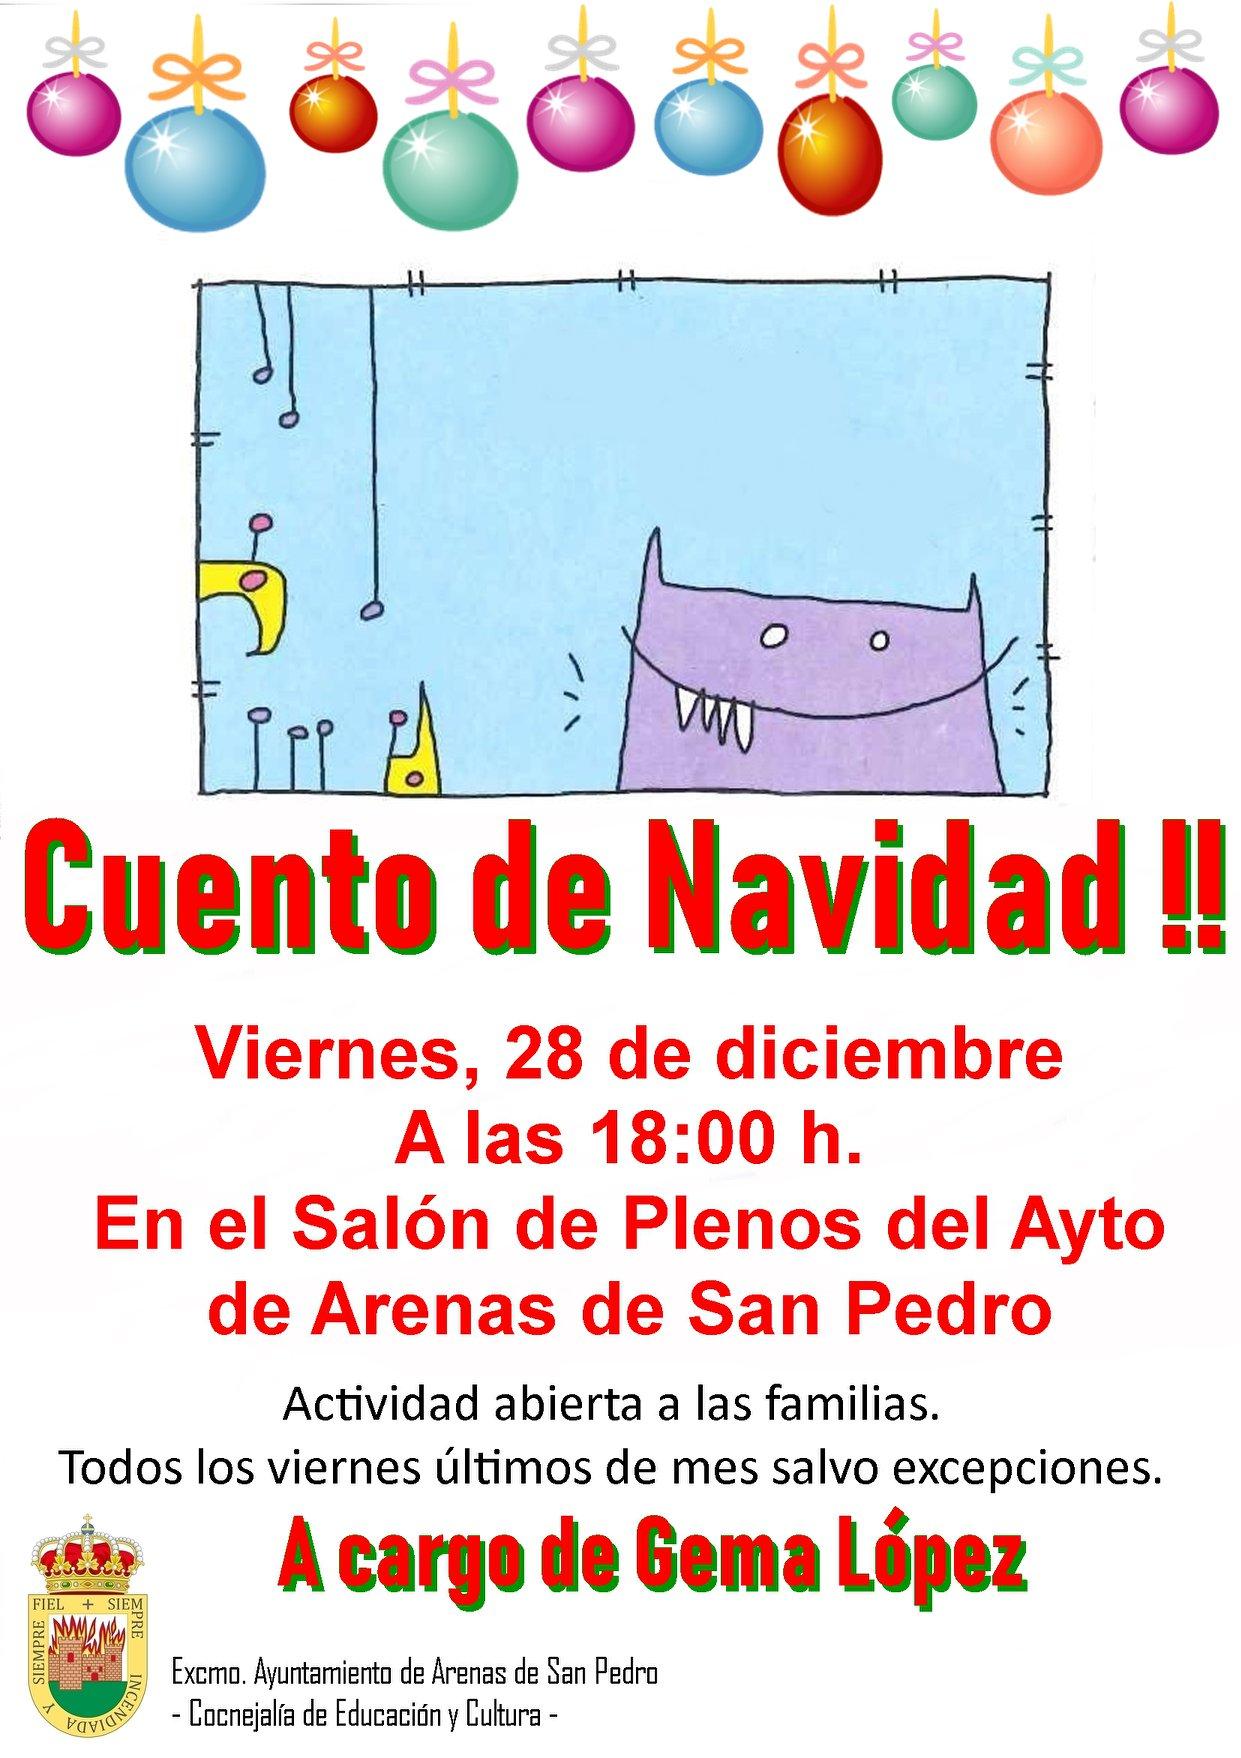 Cuentacuentos de Navidad - Arenas de San Pedro - TiétarTeVe